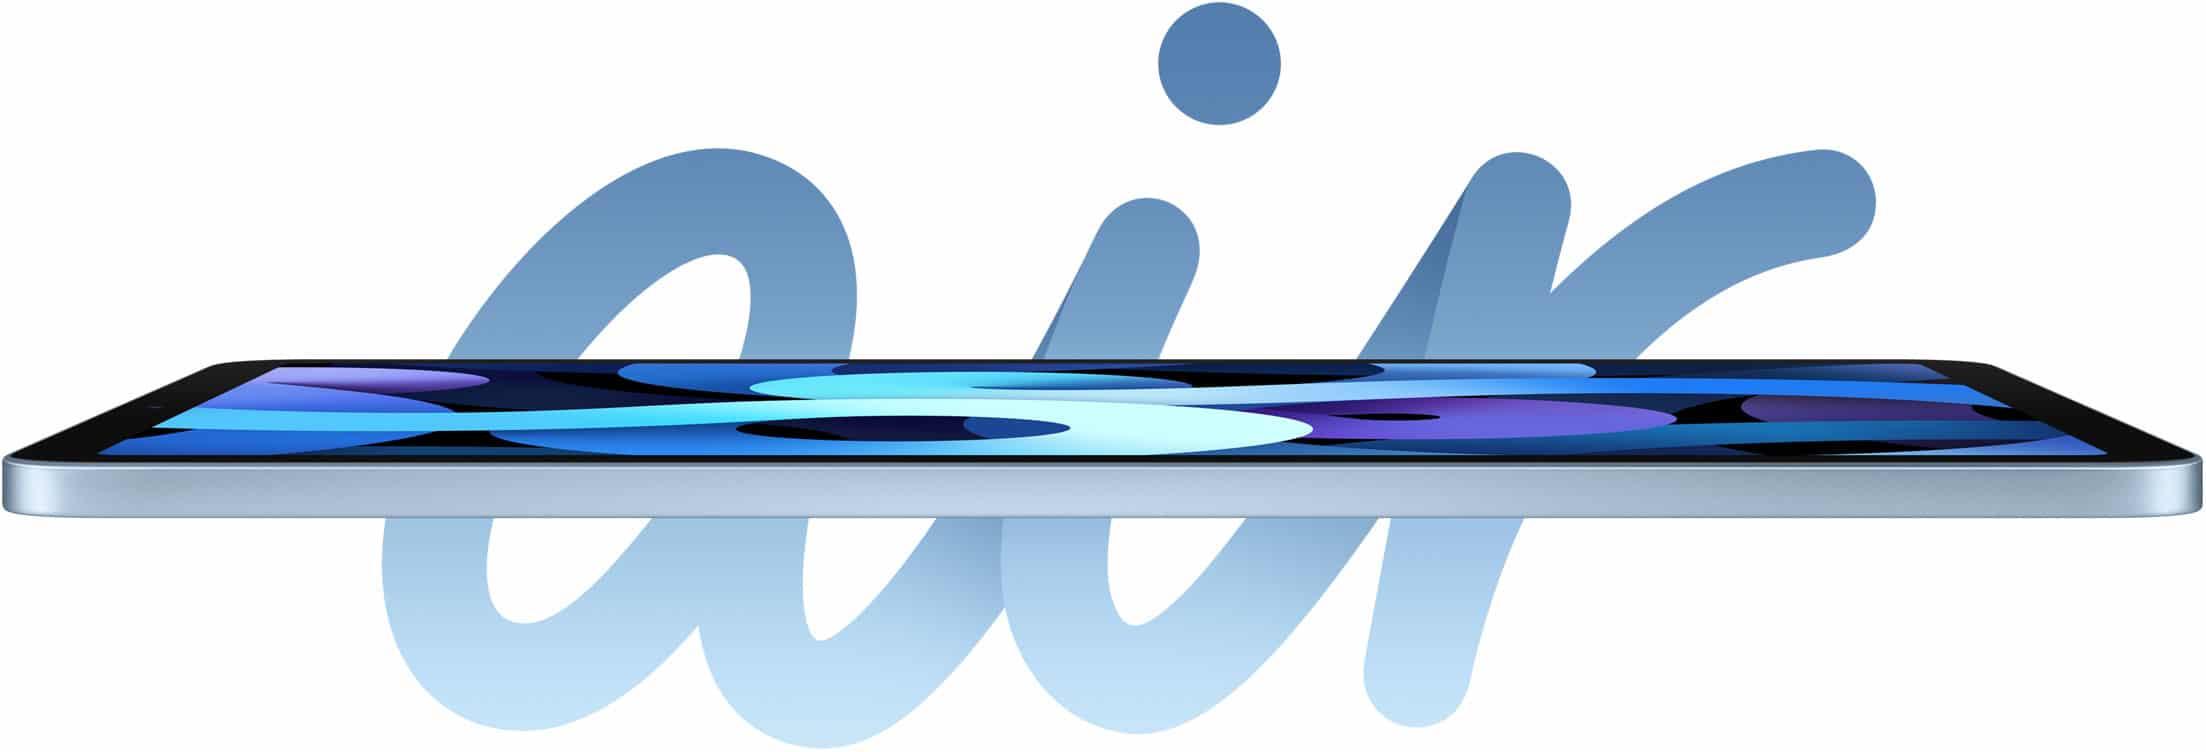 iPad Air de quarta geração - imagem hero